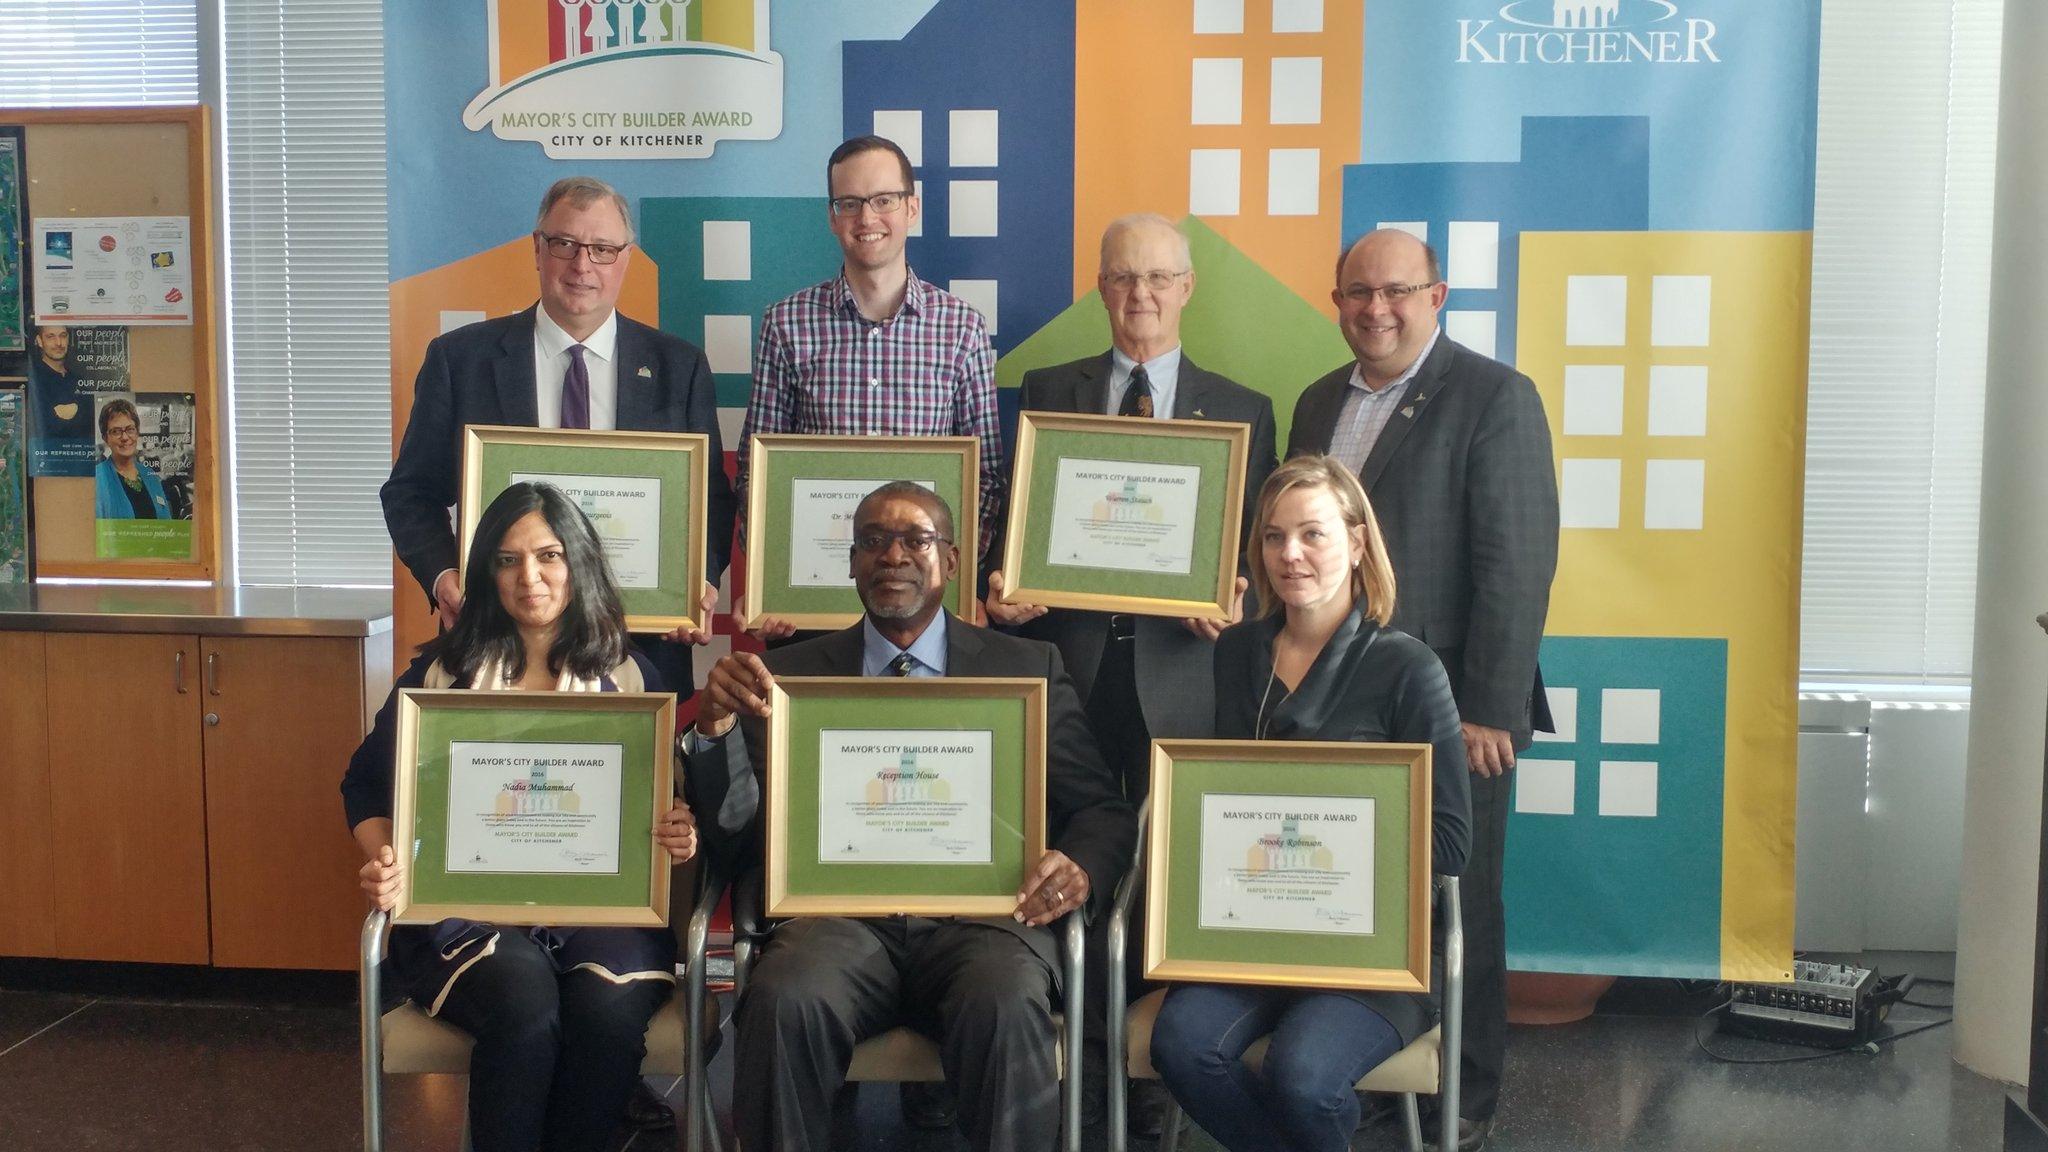 City builder recipients